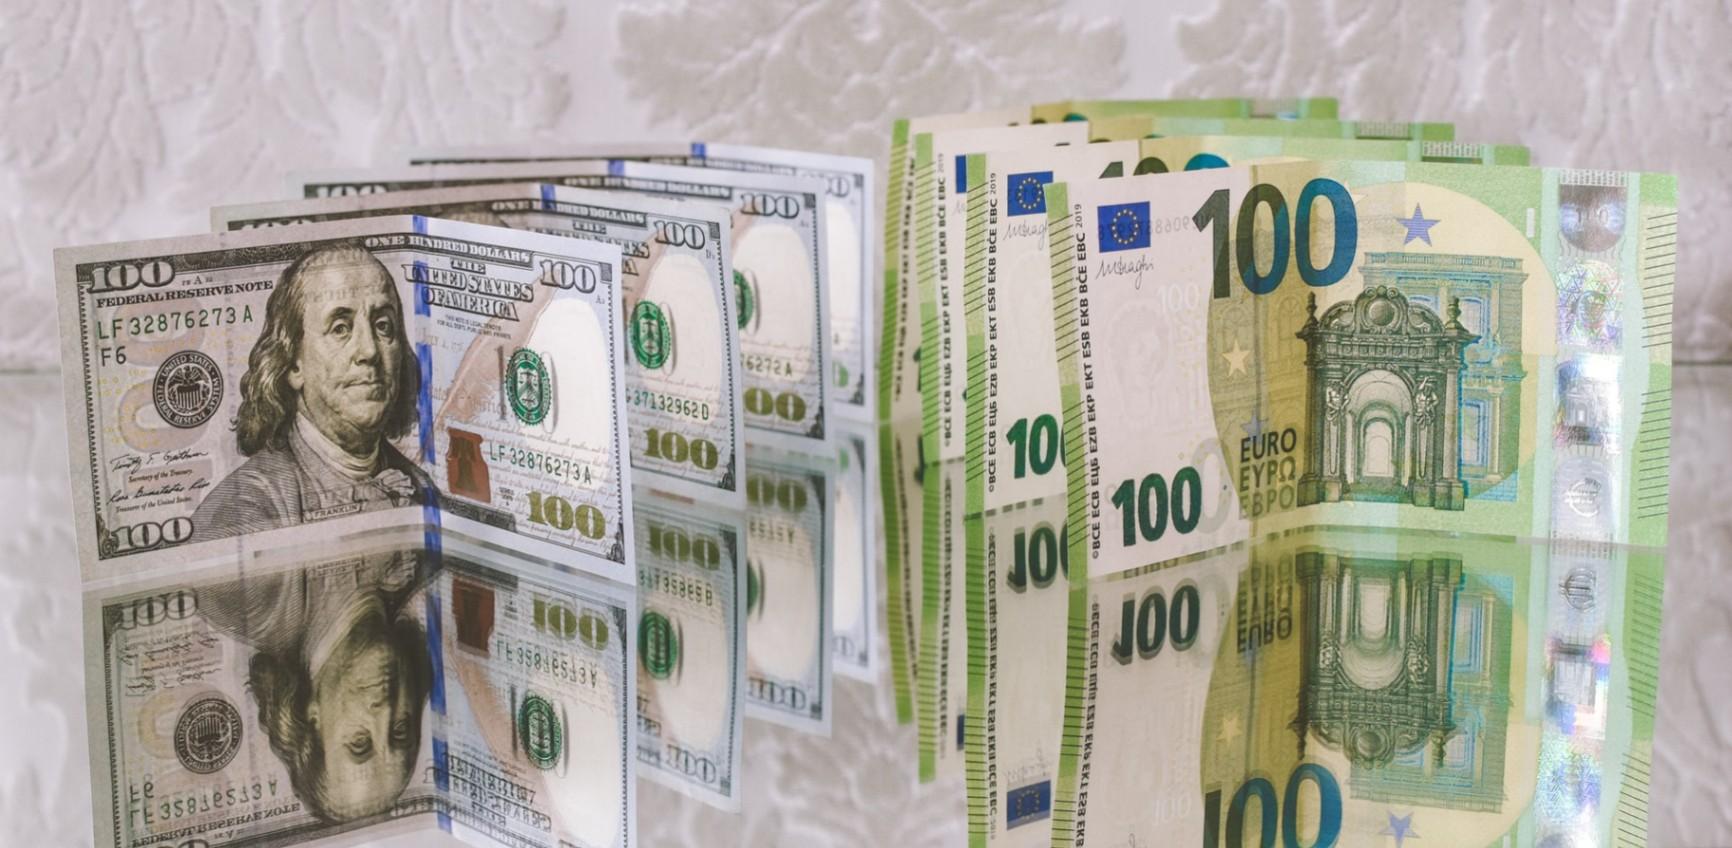 La Carte de Crédit Visa Savoir de Scotia Bank - Caractéristiques et Comment Souscrire à Celle-ci